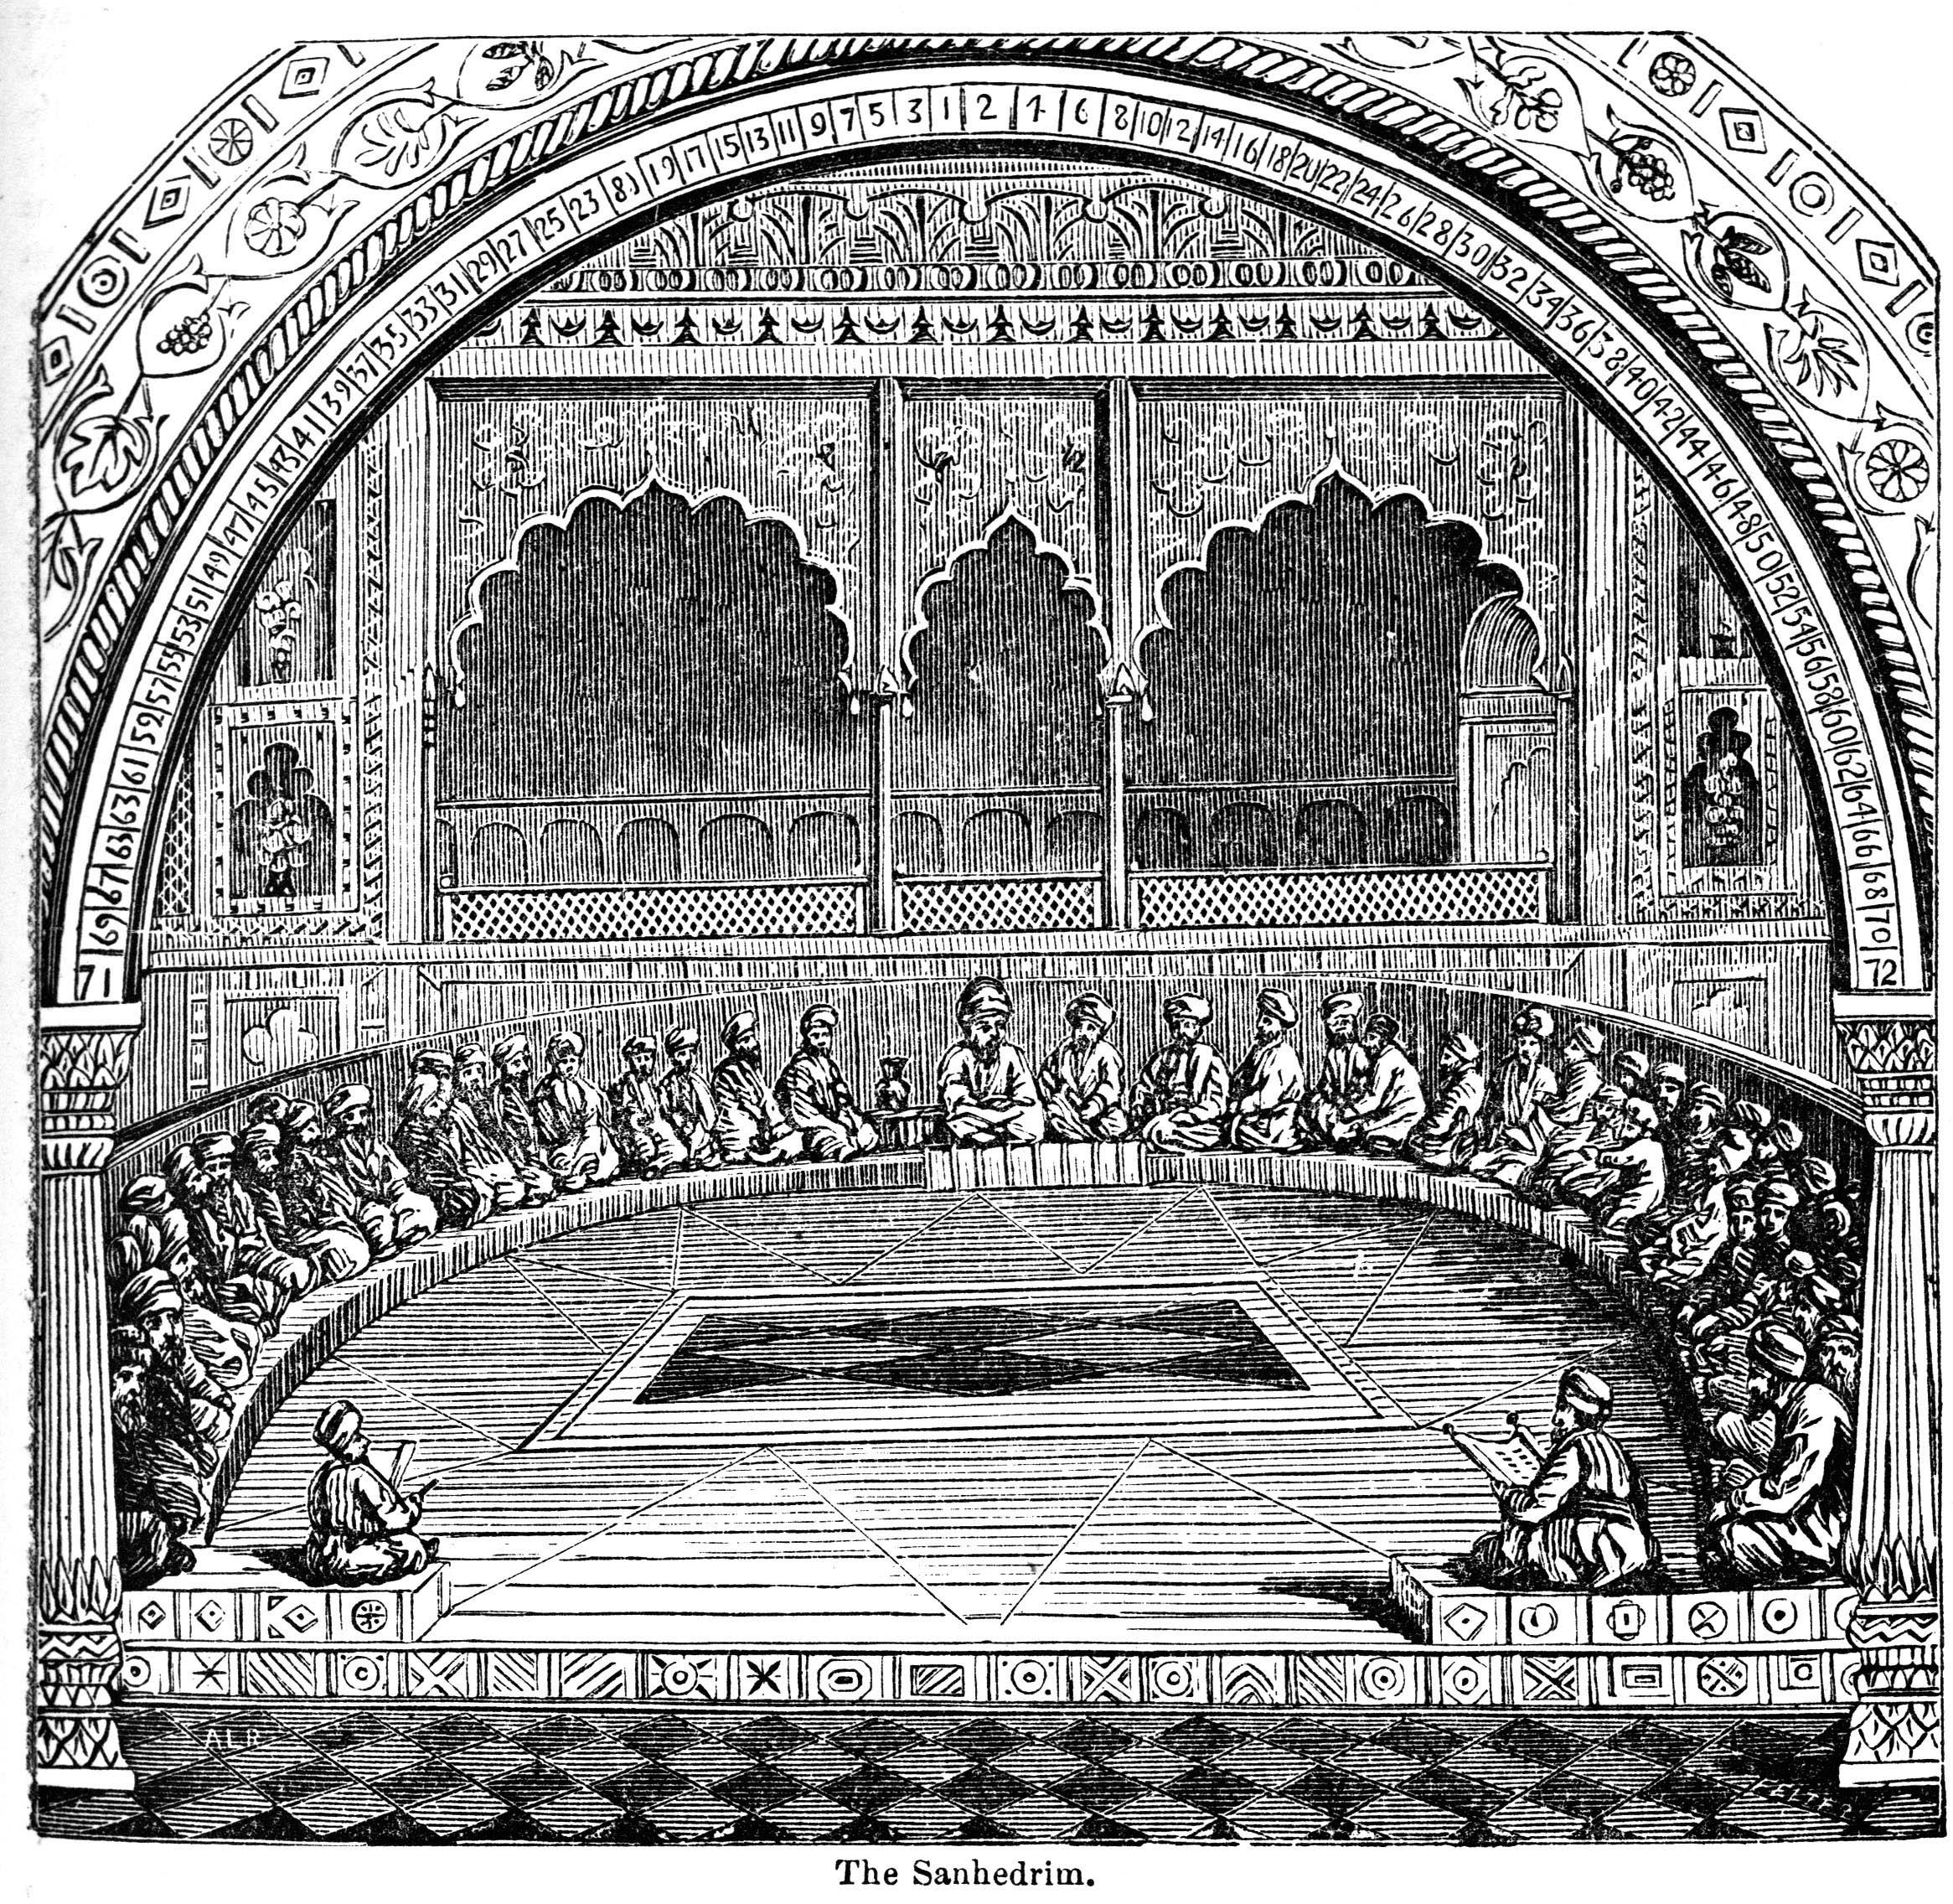 上图:古代以色列的法庭。公会(Sanhedrin)是由23或71位长老组成的法院,这些长老在第二圣殿被毁后被称为拉比(Rabbis)。大公会(Greater Sanhedrin)是最高法院,包括一名大法官、一名副大法官和另外69名成员。每个城市都有一个23名法官组成的小公会(Lesser Sanhedrin)。在东罗马帝国的持续迫害下,犹太大公会于主后425年被解散。